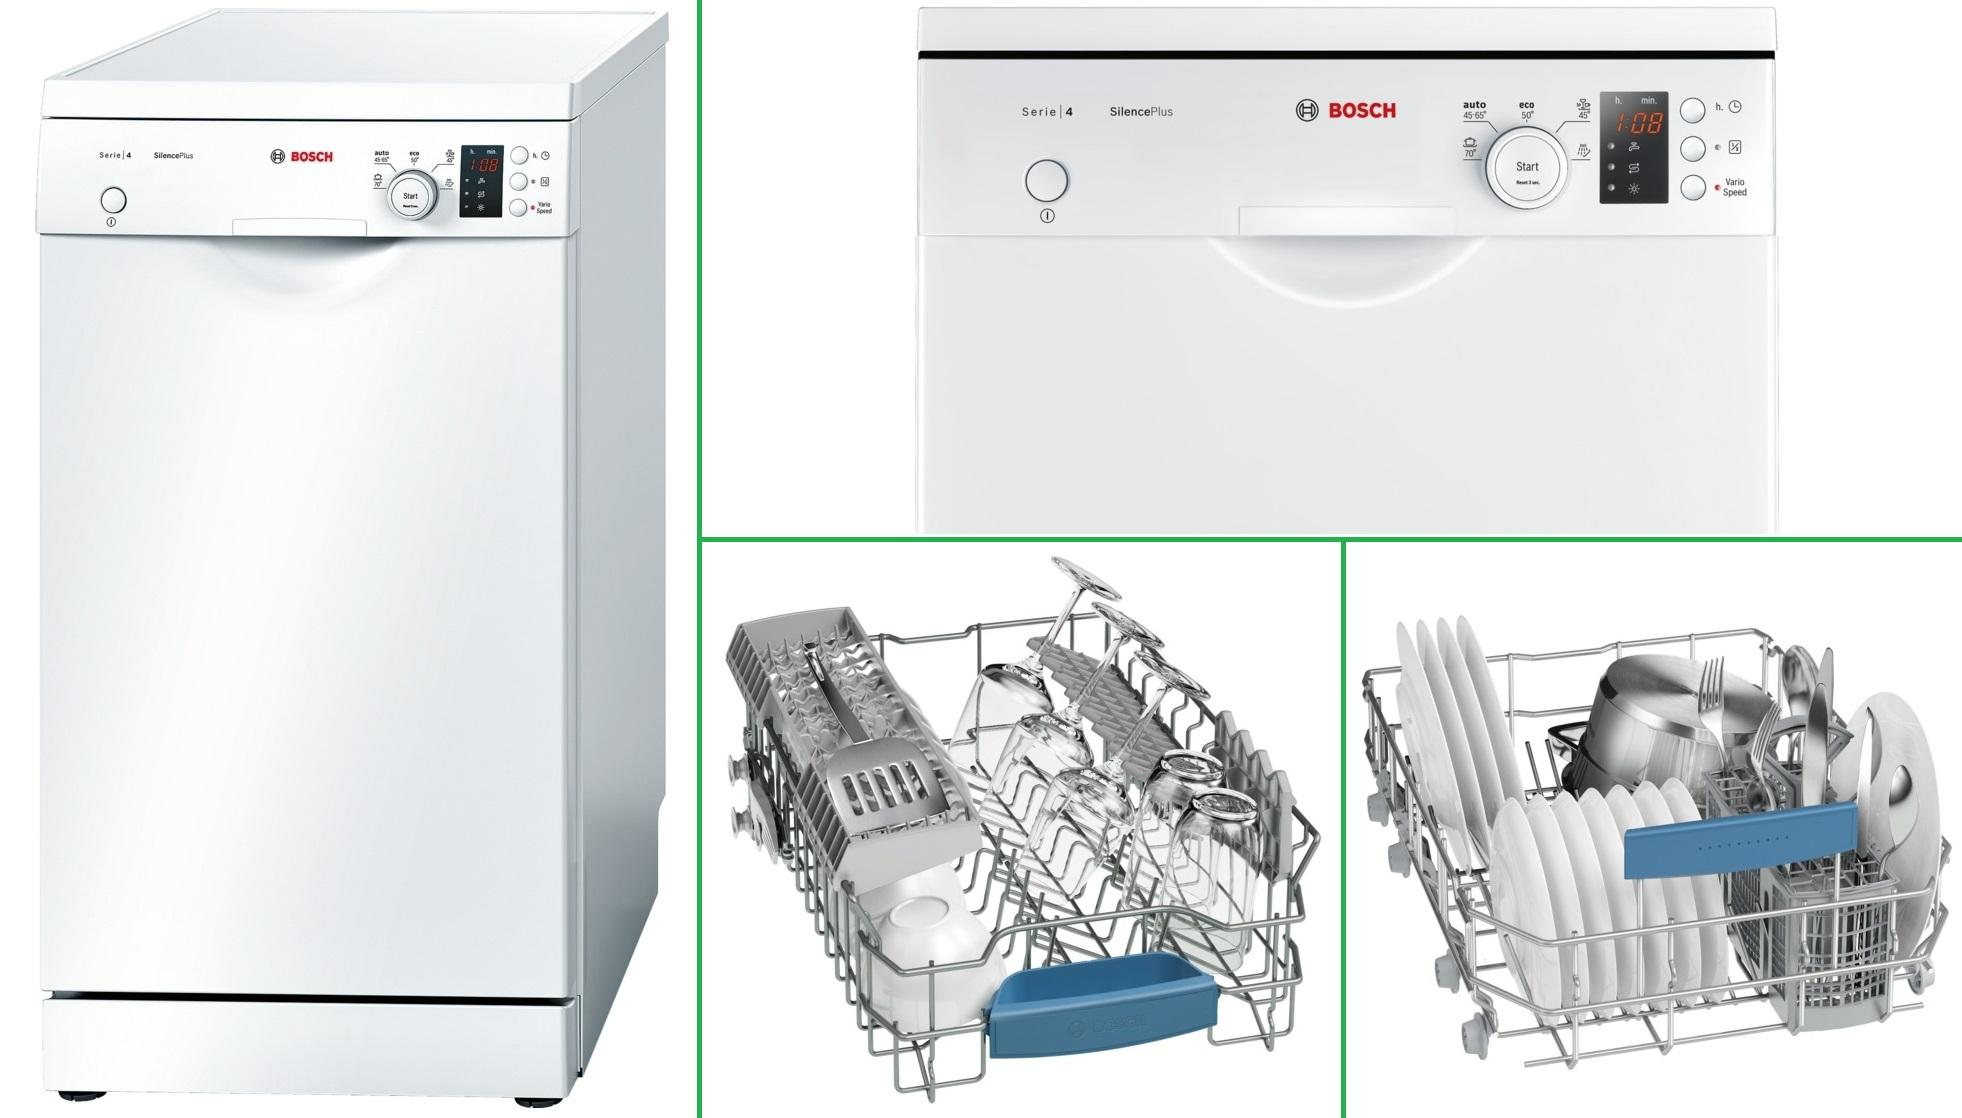 Подключение посудомоечной машины bosch должно производиться по всем правилам